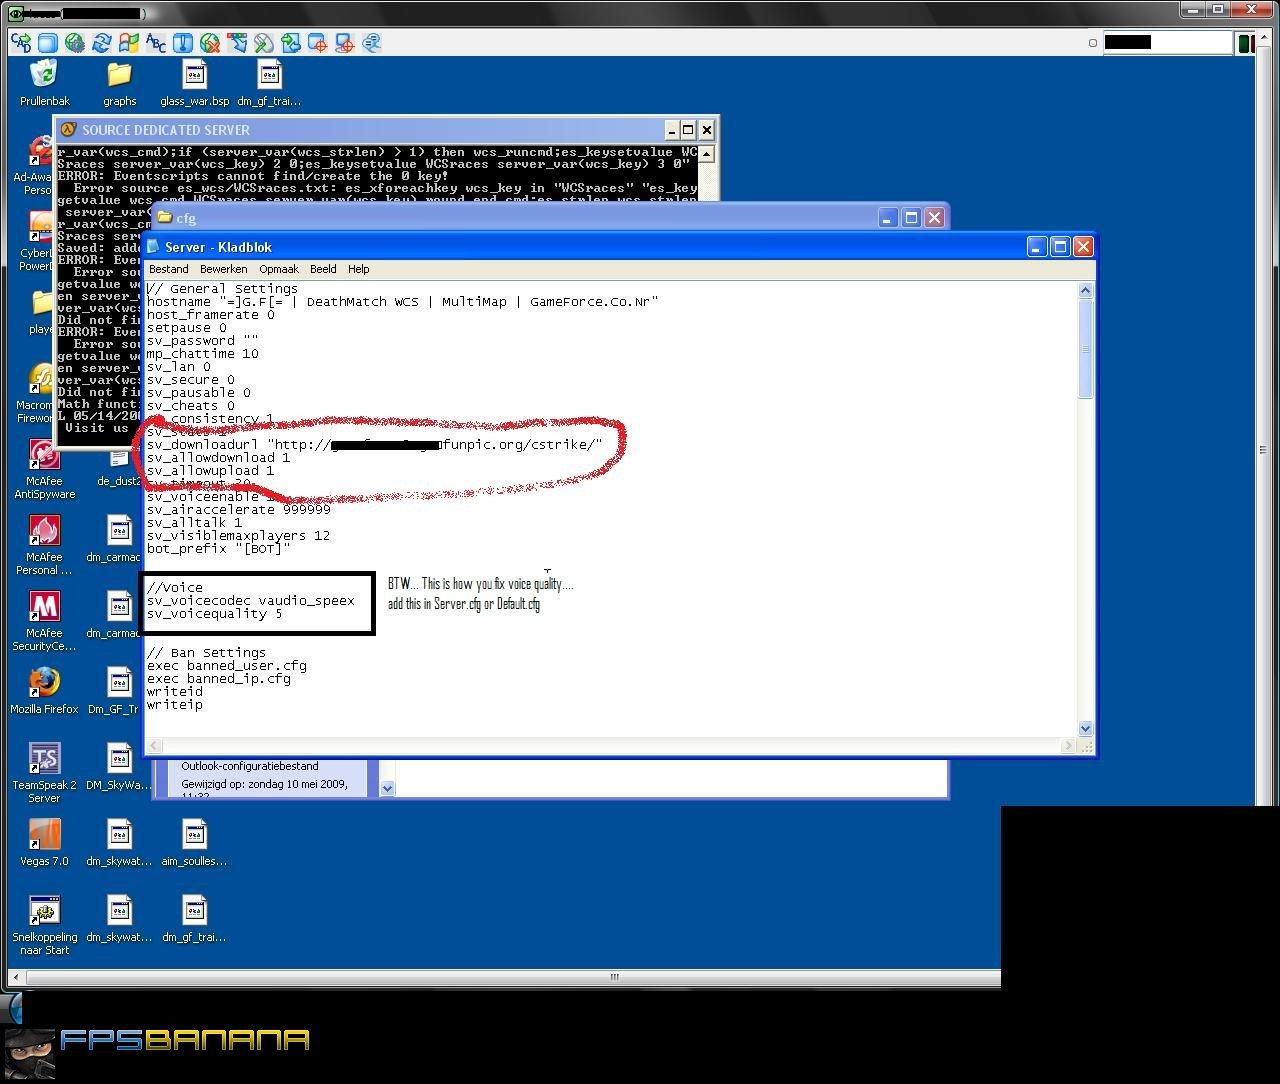 Ответы как сделать css сервер видимым в поиске? 86